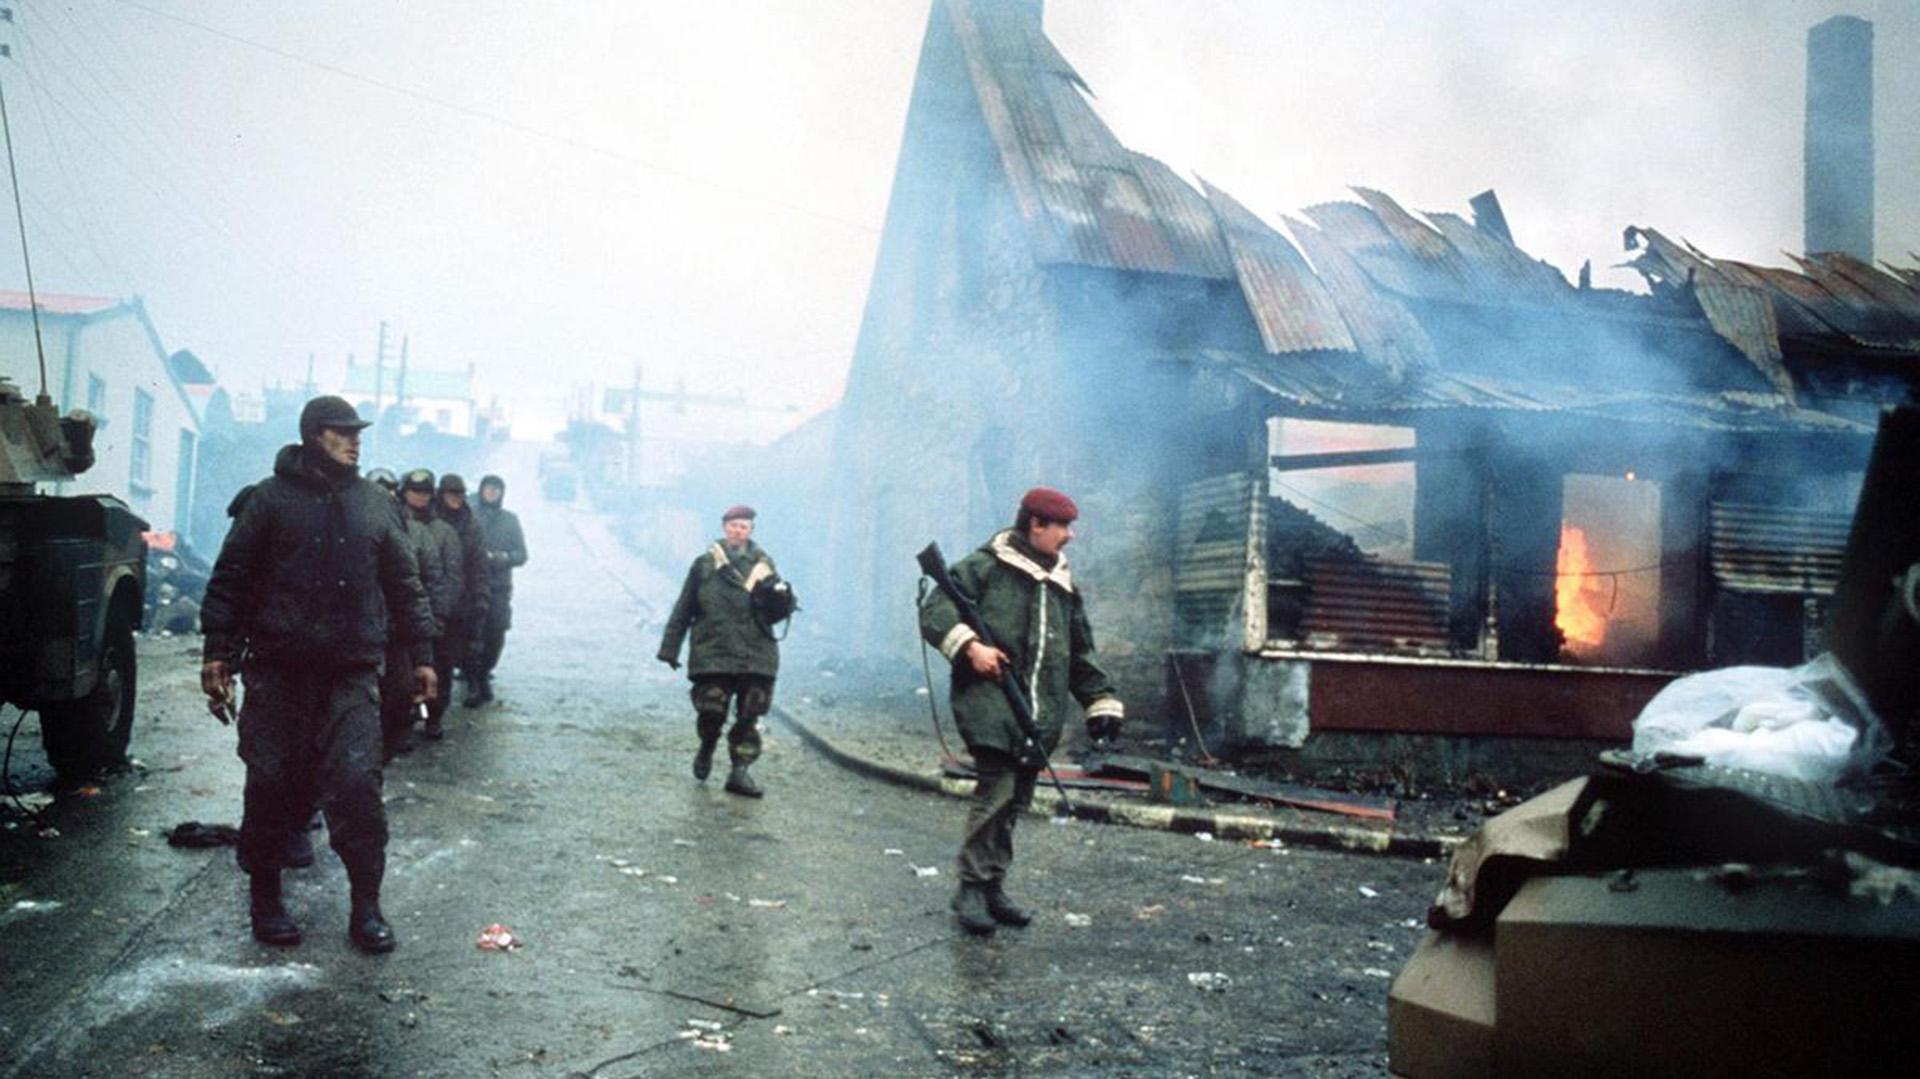 Una fila de prisioneros argentinos camina al lado de un edificio en llamas en Puerto Argentino durante los últimos días de la guerra, en junio de 1982 (AP)